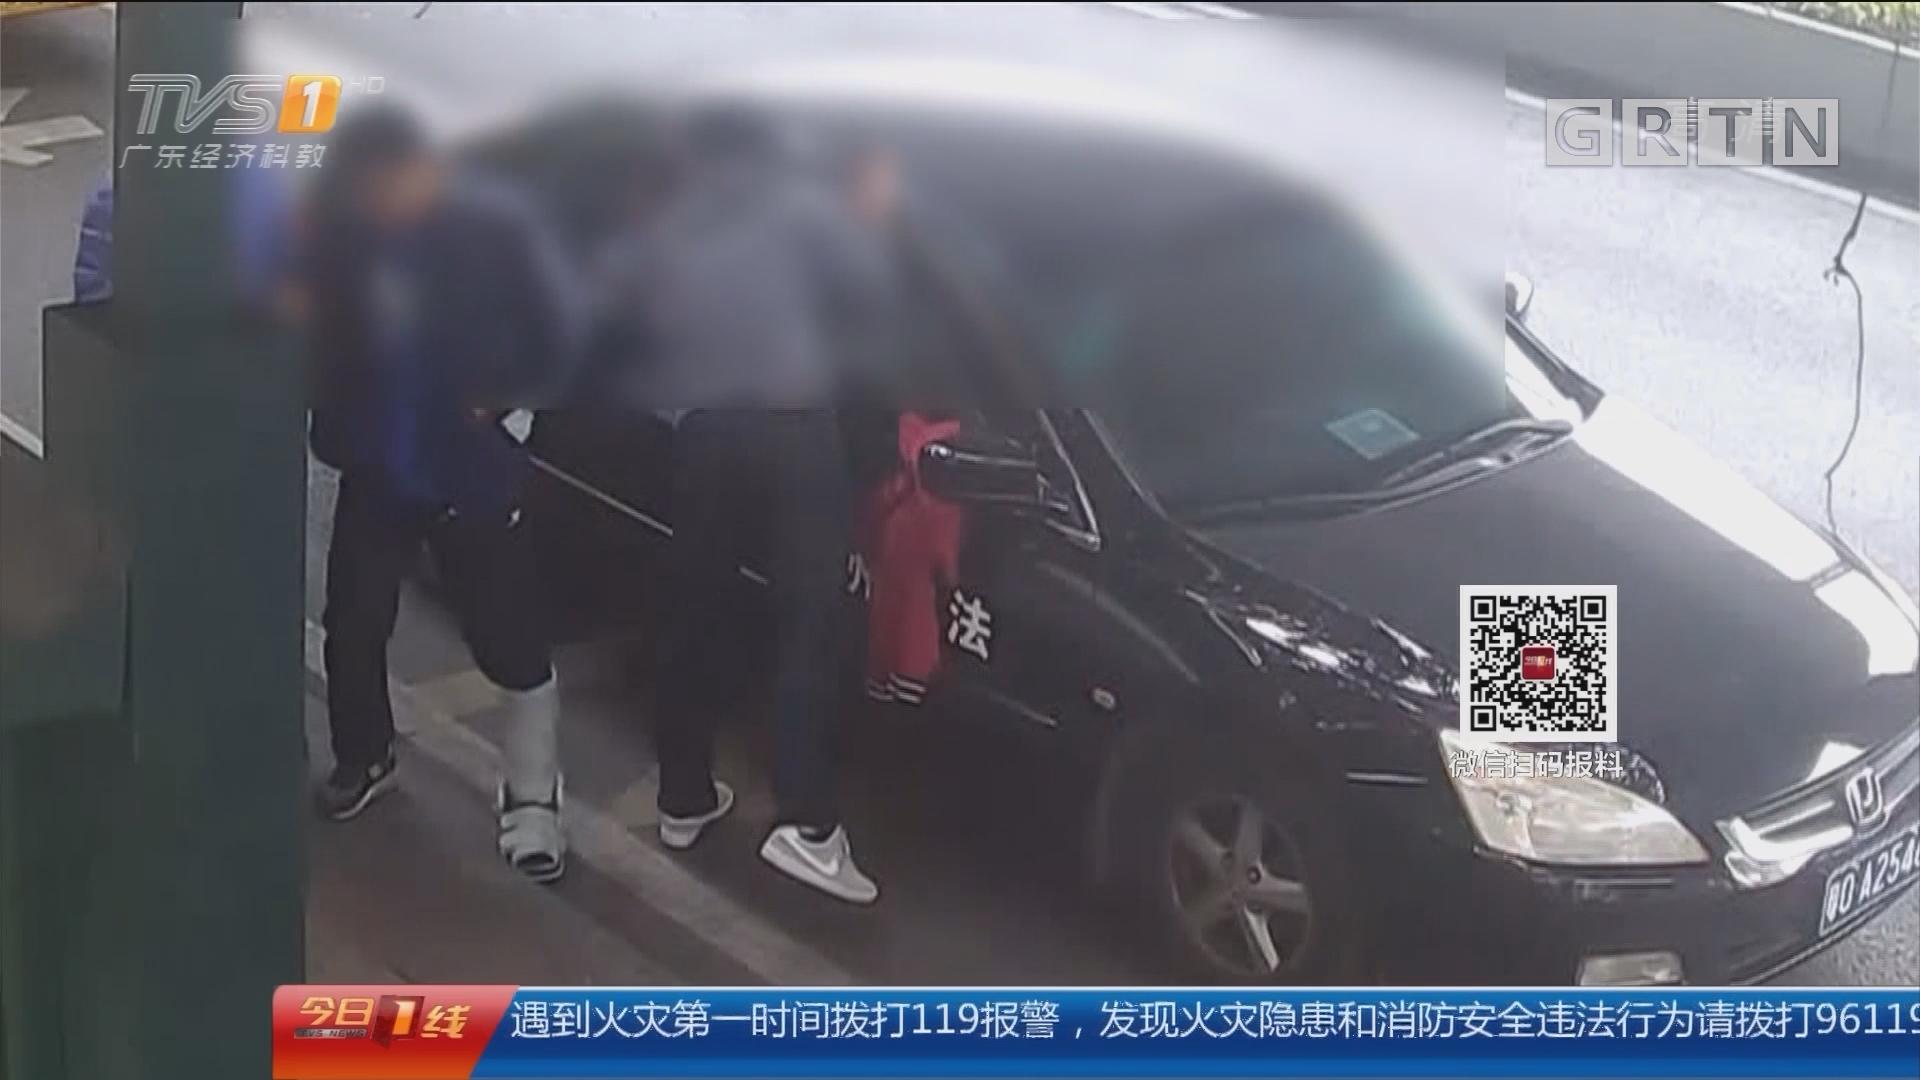 广州:女子候车被抢项链 民警绑石膏追贼